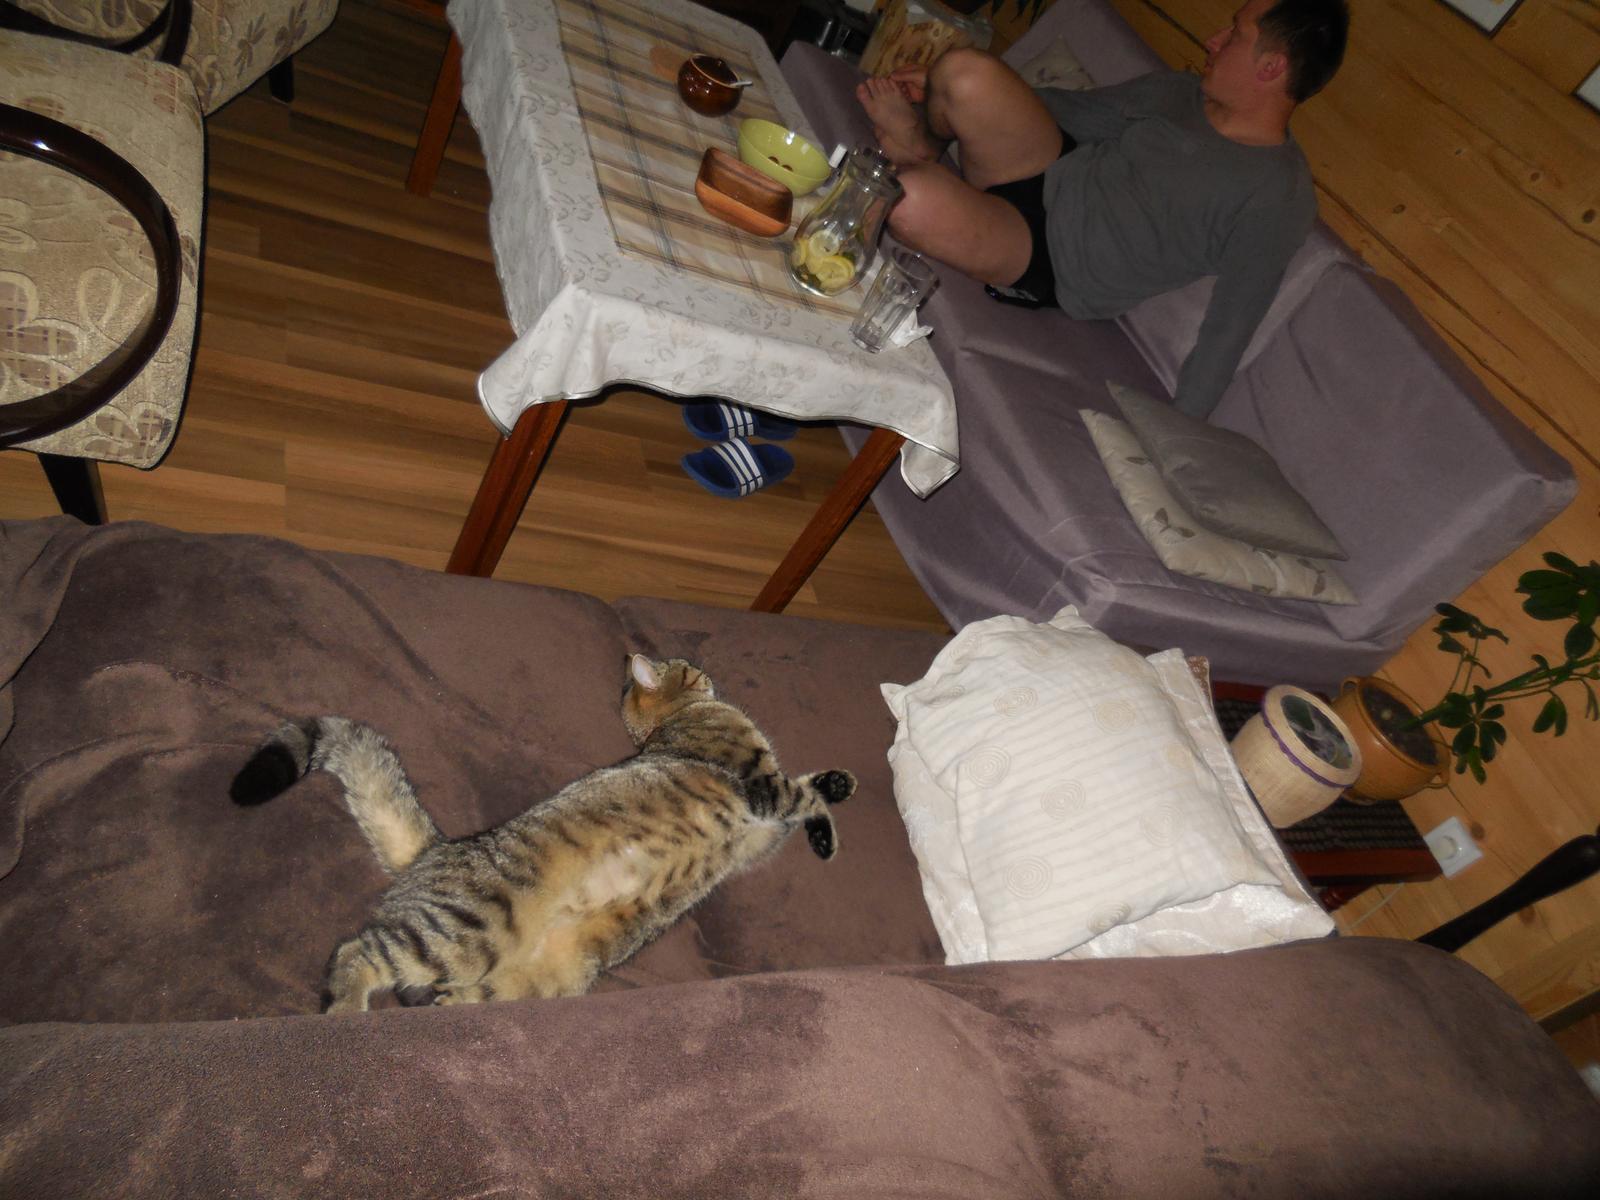 Naše roubenka - ...přesunuli jsme gauč, aby si návštěva měla kam sednout... někdo byl rychlejší :-)